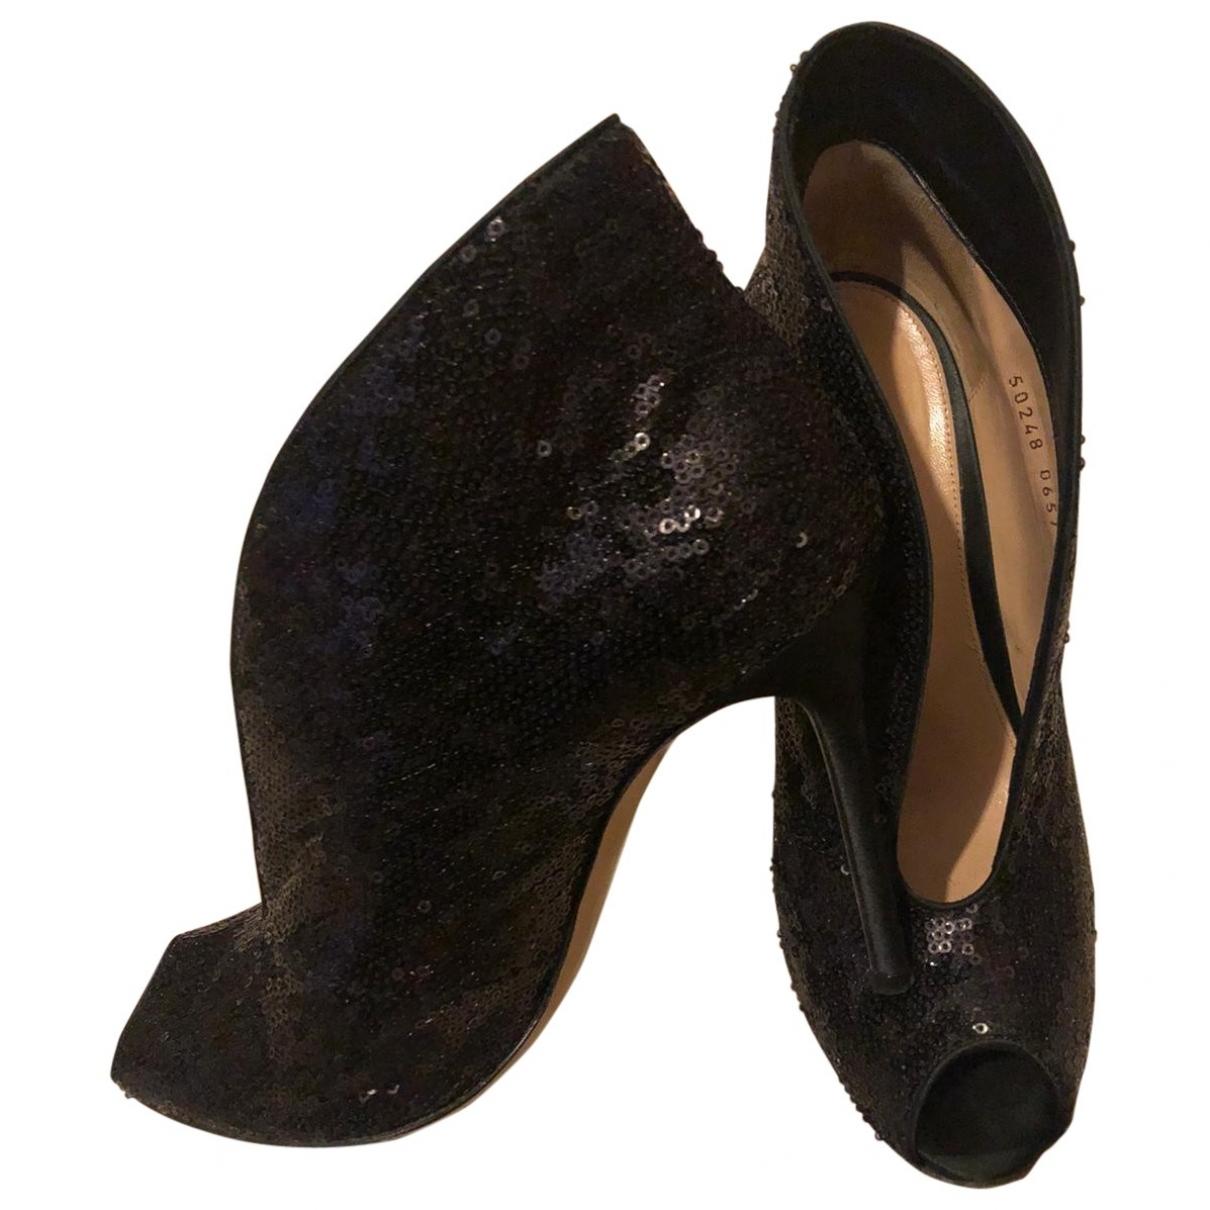 Gianvito Rossi - Boots   pour femme en a paillettes - noir